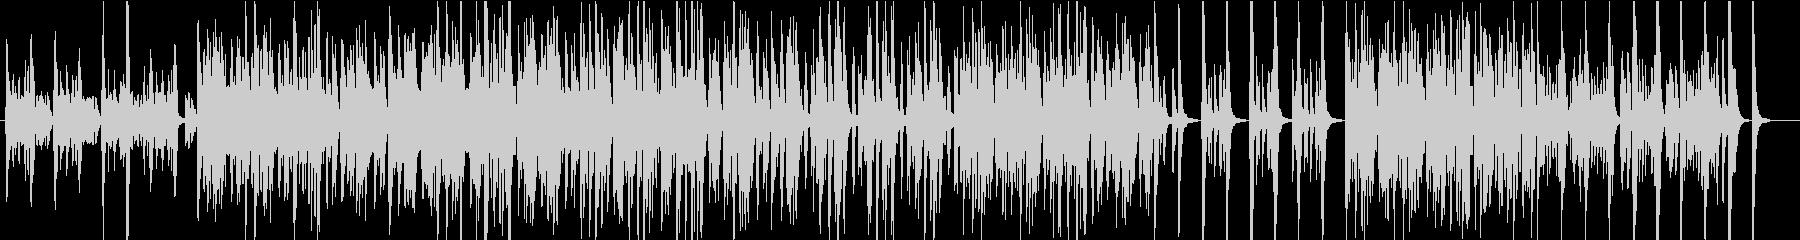 軽快なビートのオーケストラ楽器をフ...の未再生の波形